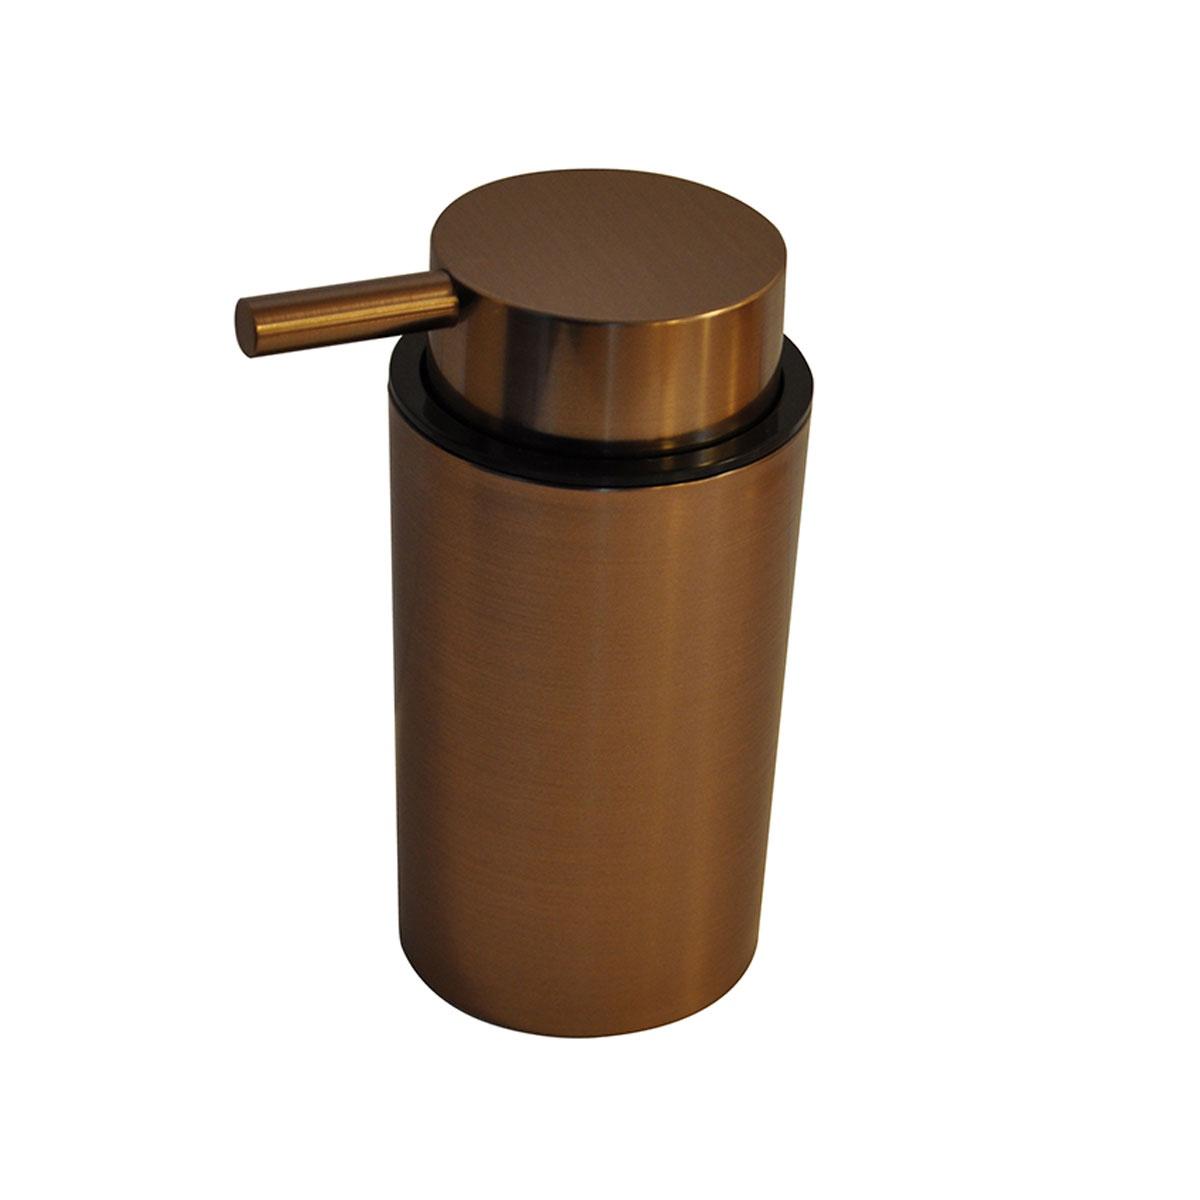 Distributeur de savon à effet cuivre (Cuivre)